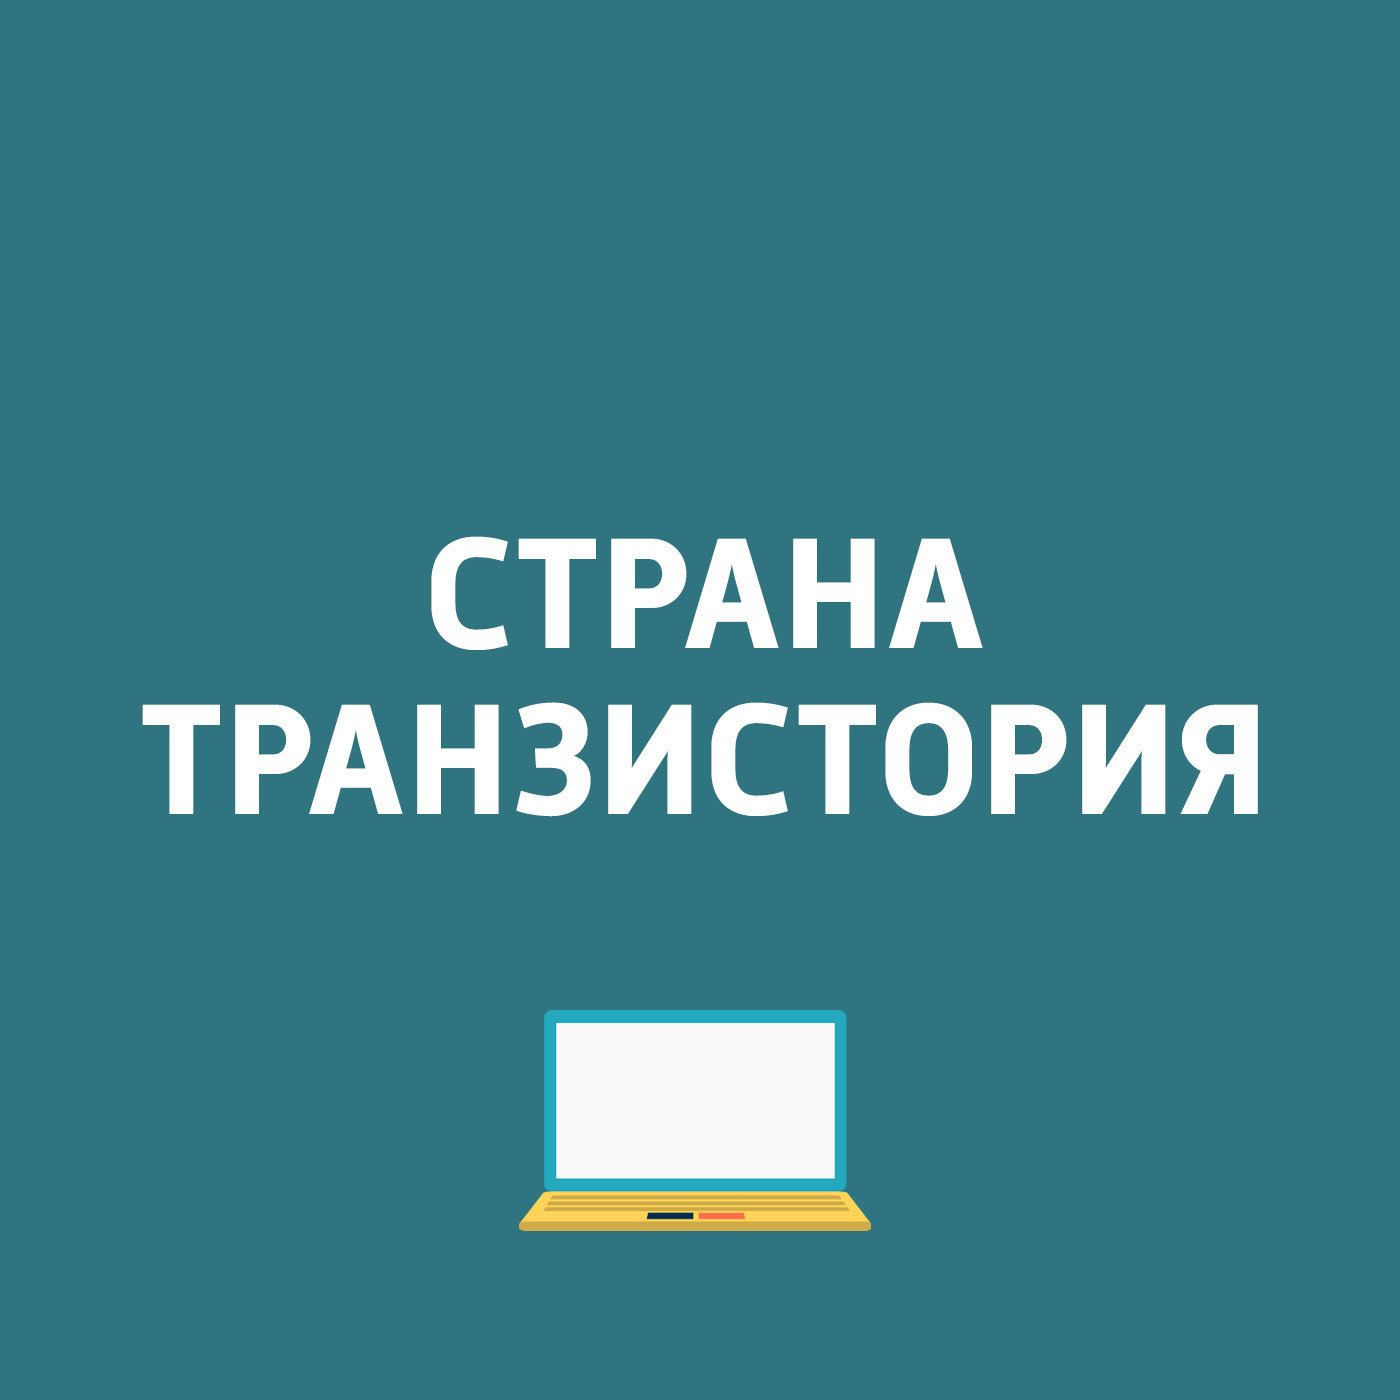 Картаев Павел Цена биткоина взлетела выше отметки $11 000